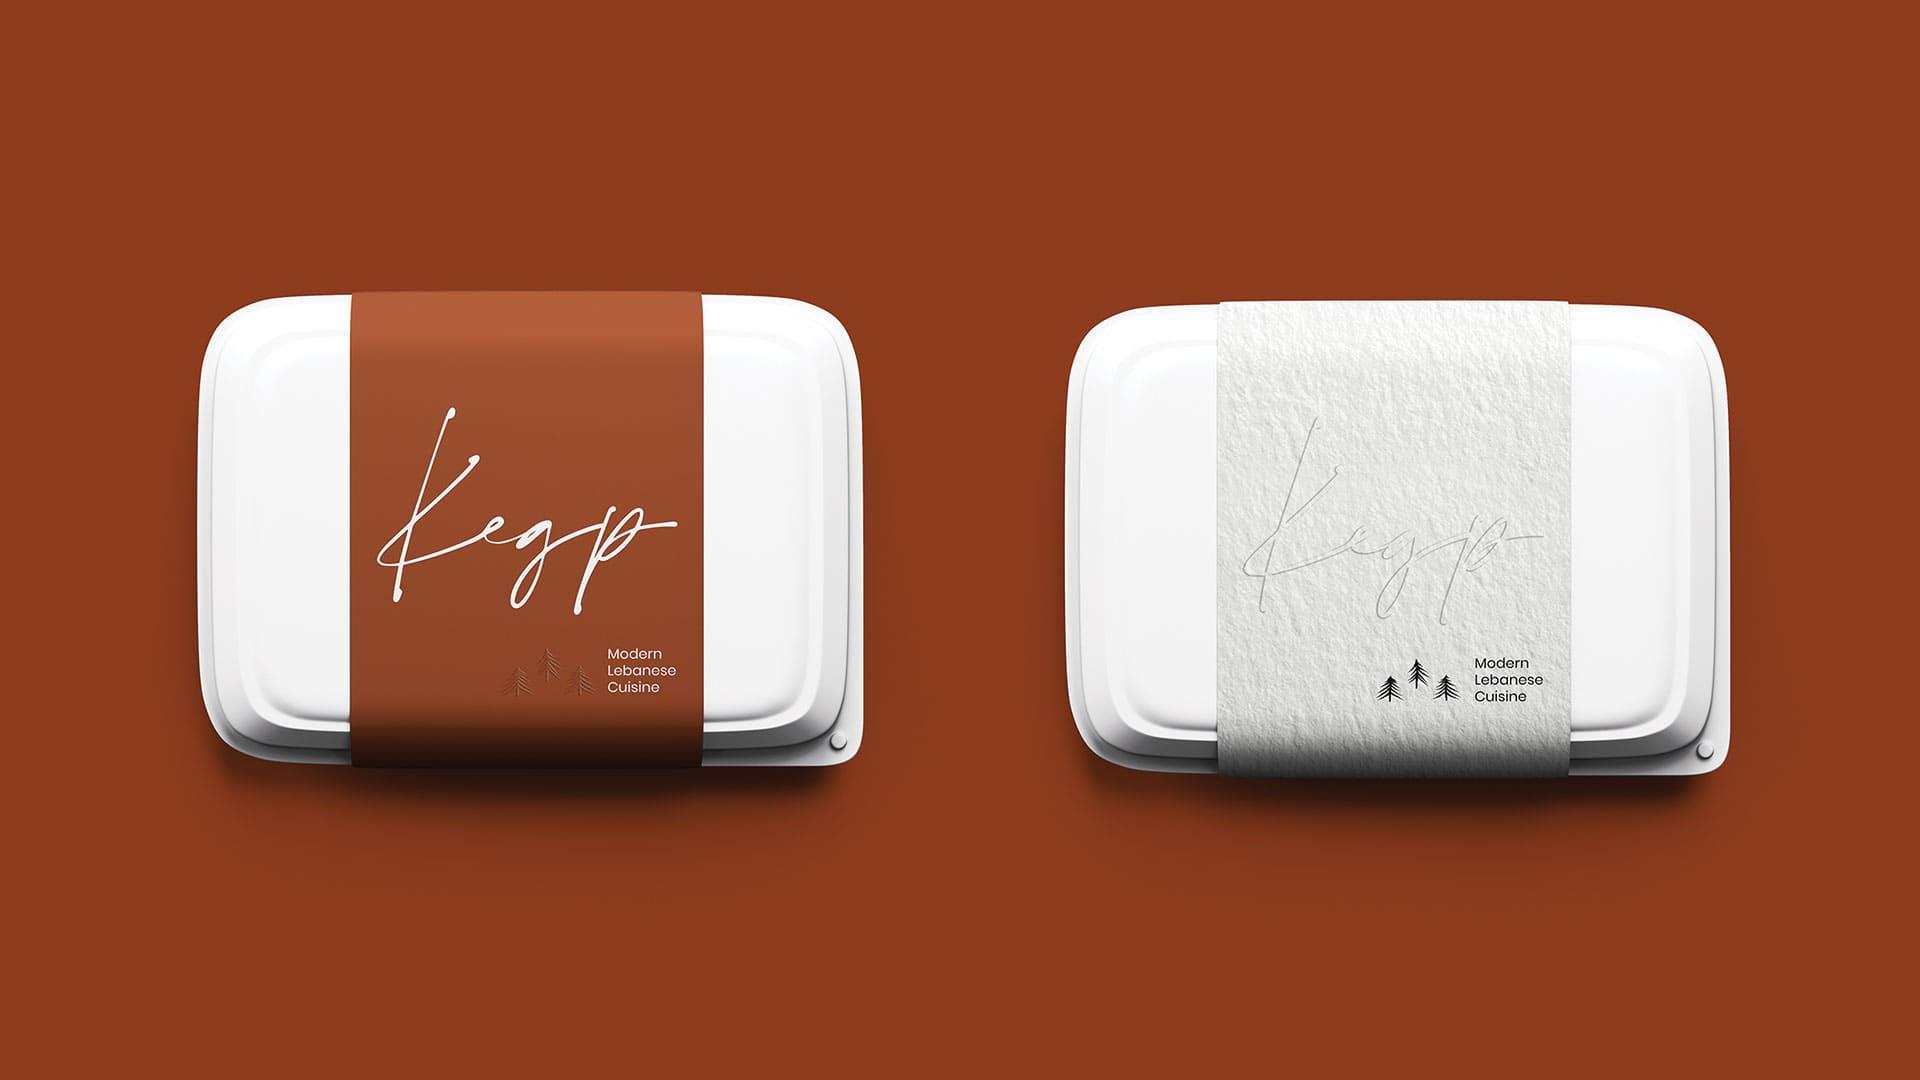 gra brand design kedr 10